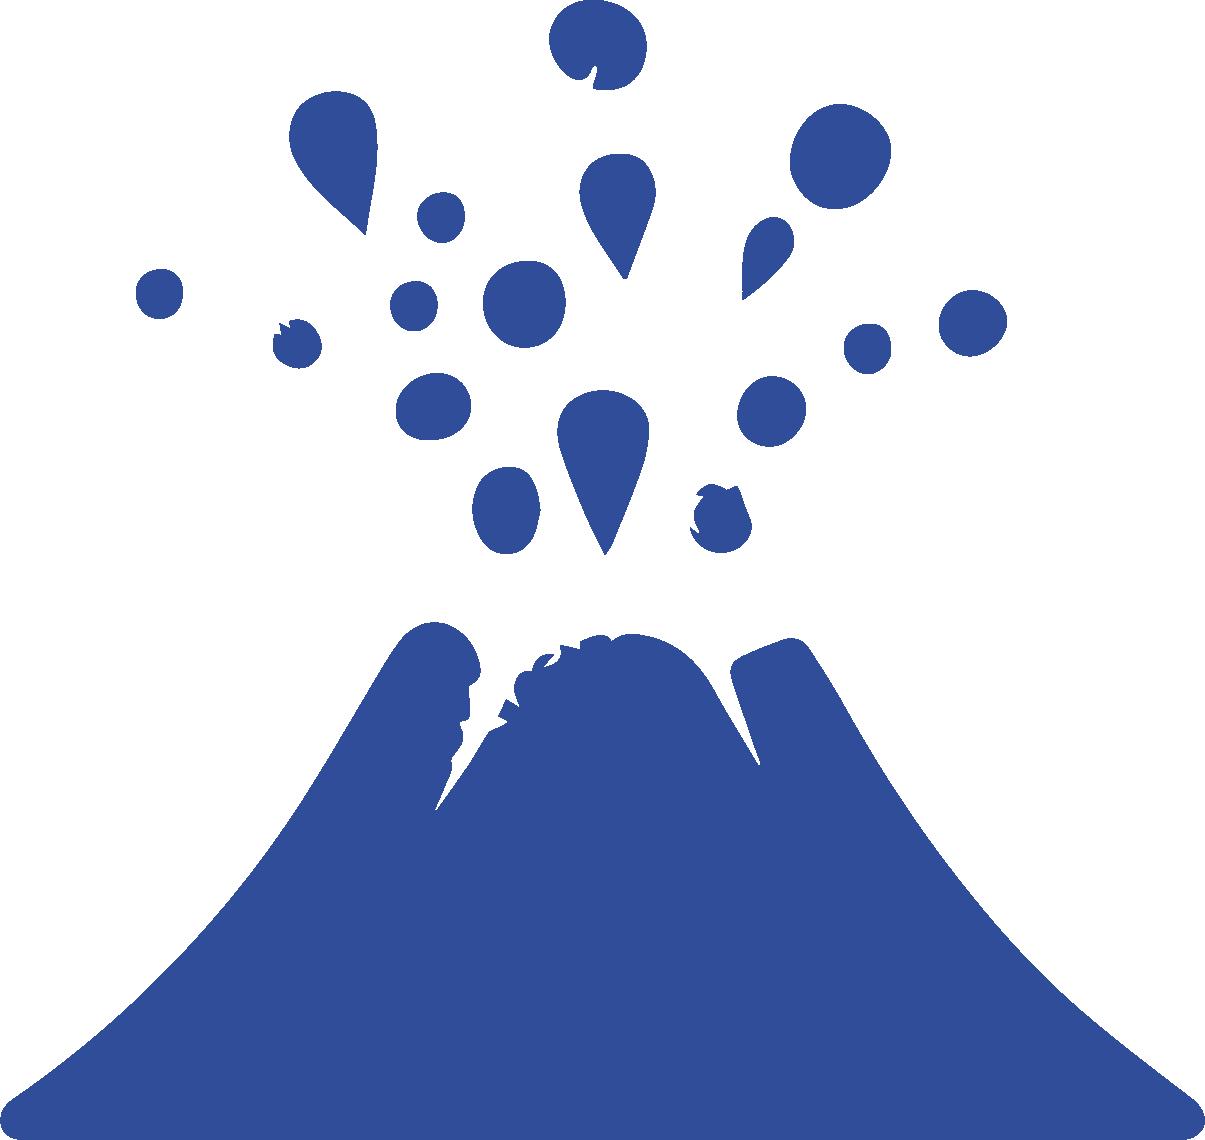 vulcano-icon-spartivento